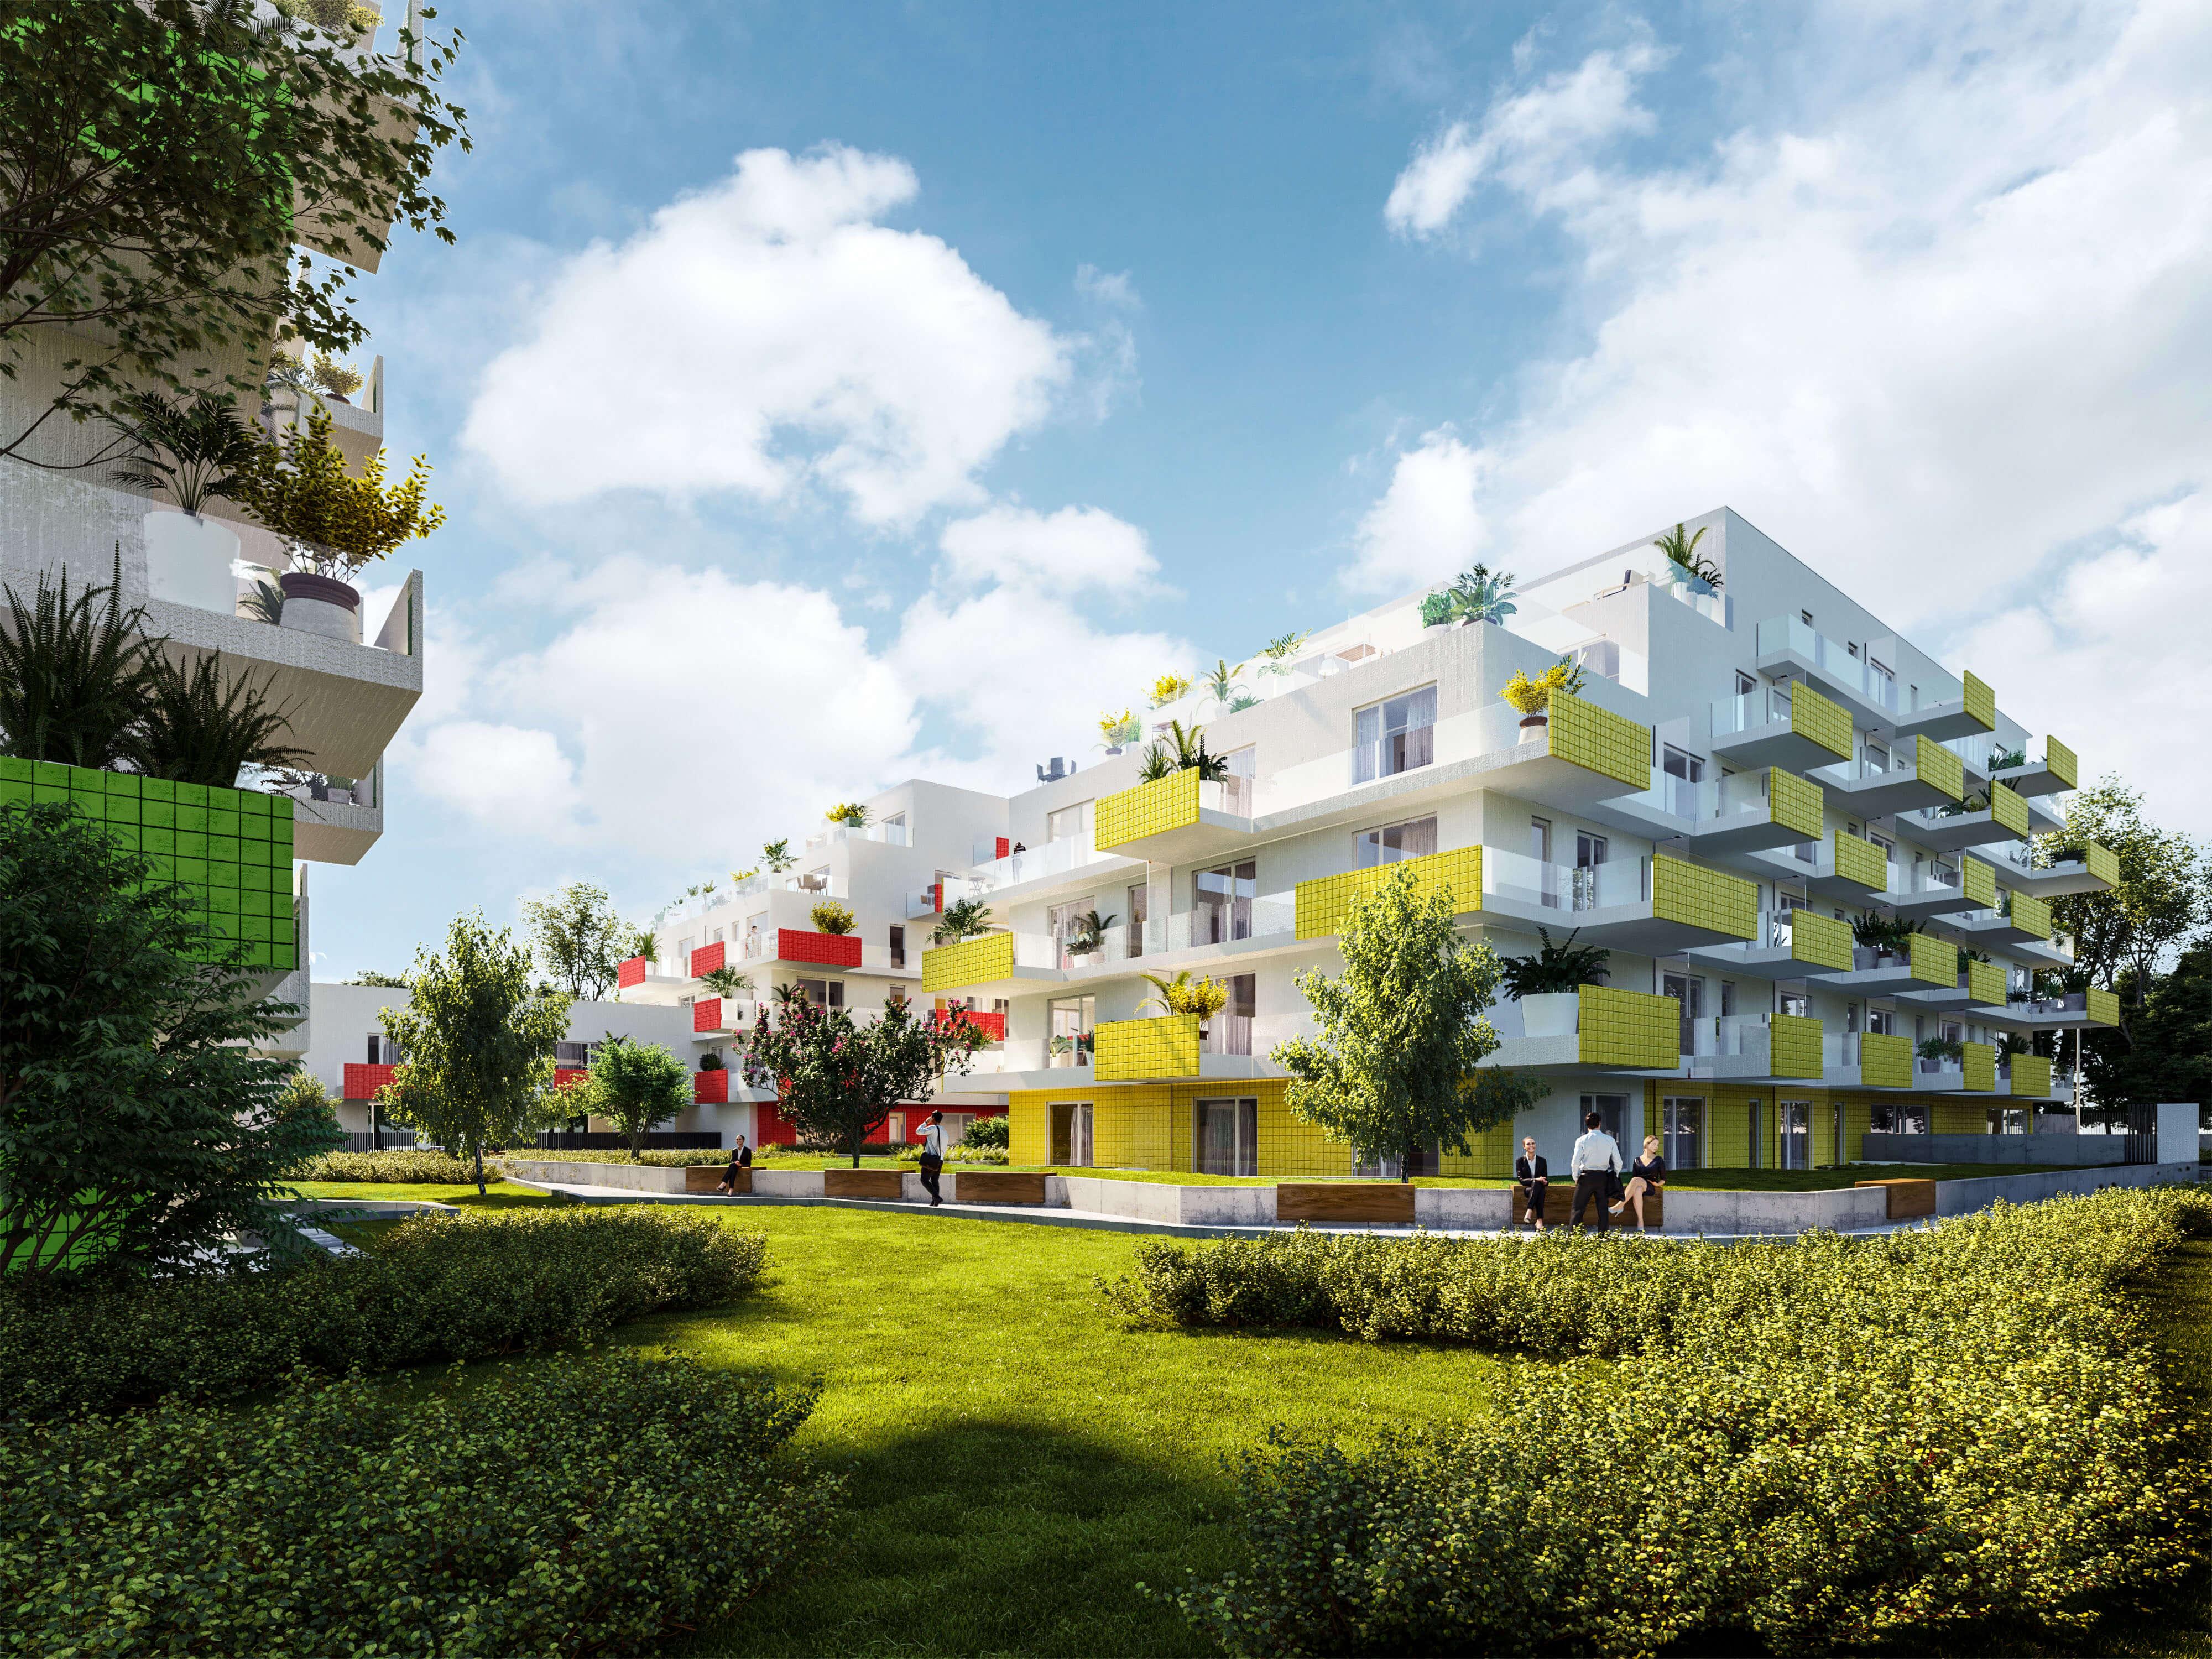 Paskál: malom, hévíz, gyógy-strandfürdő, majd modern lakópark